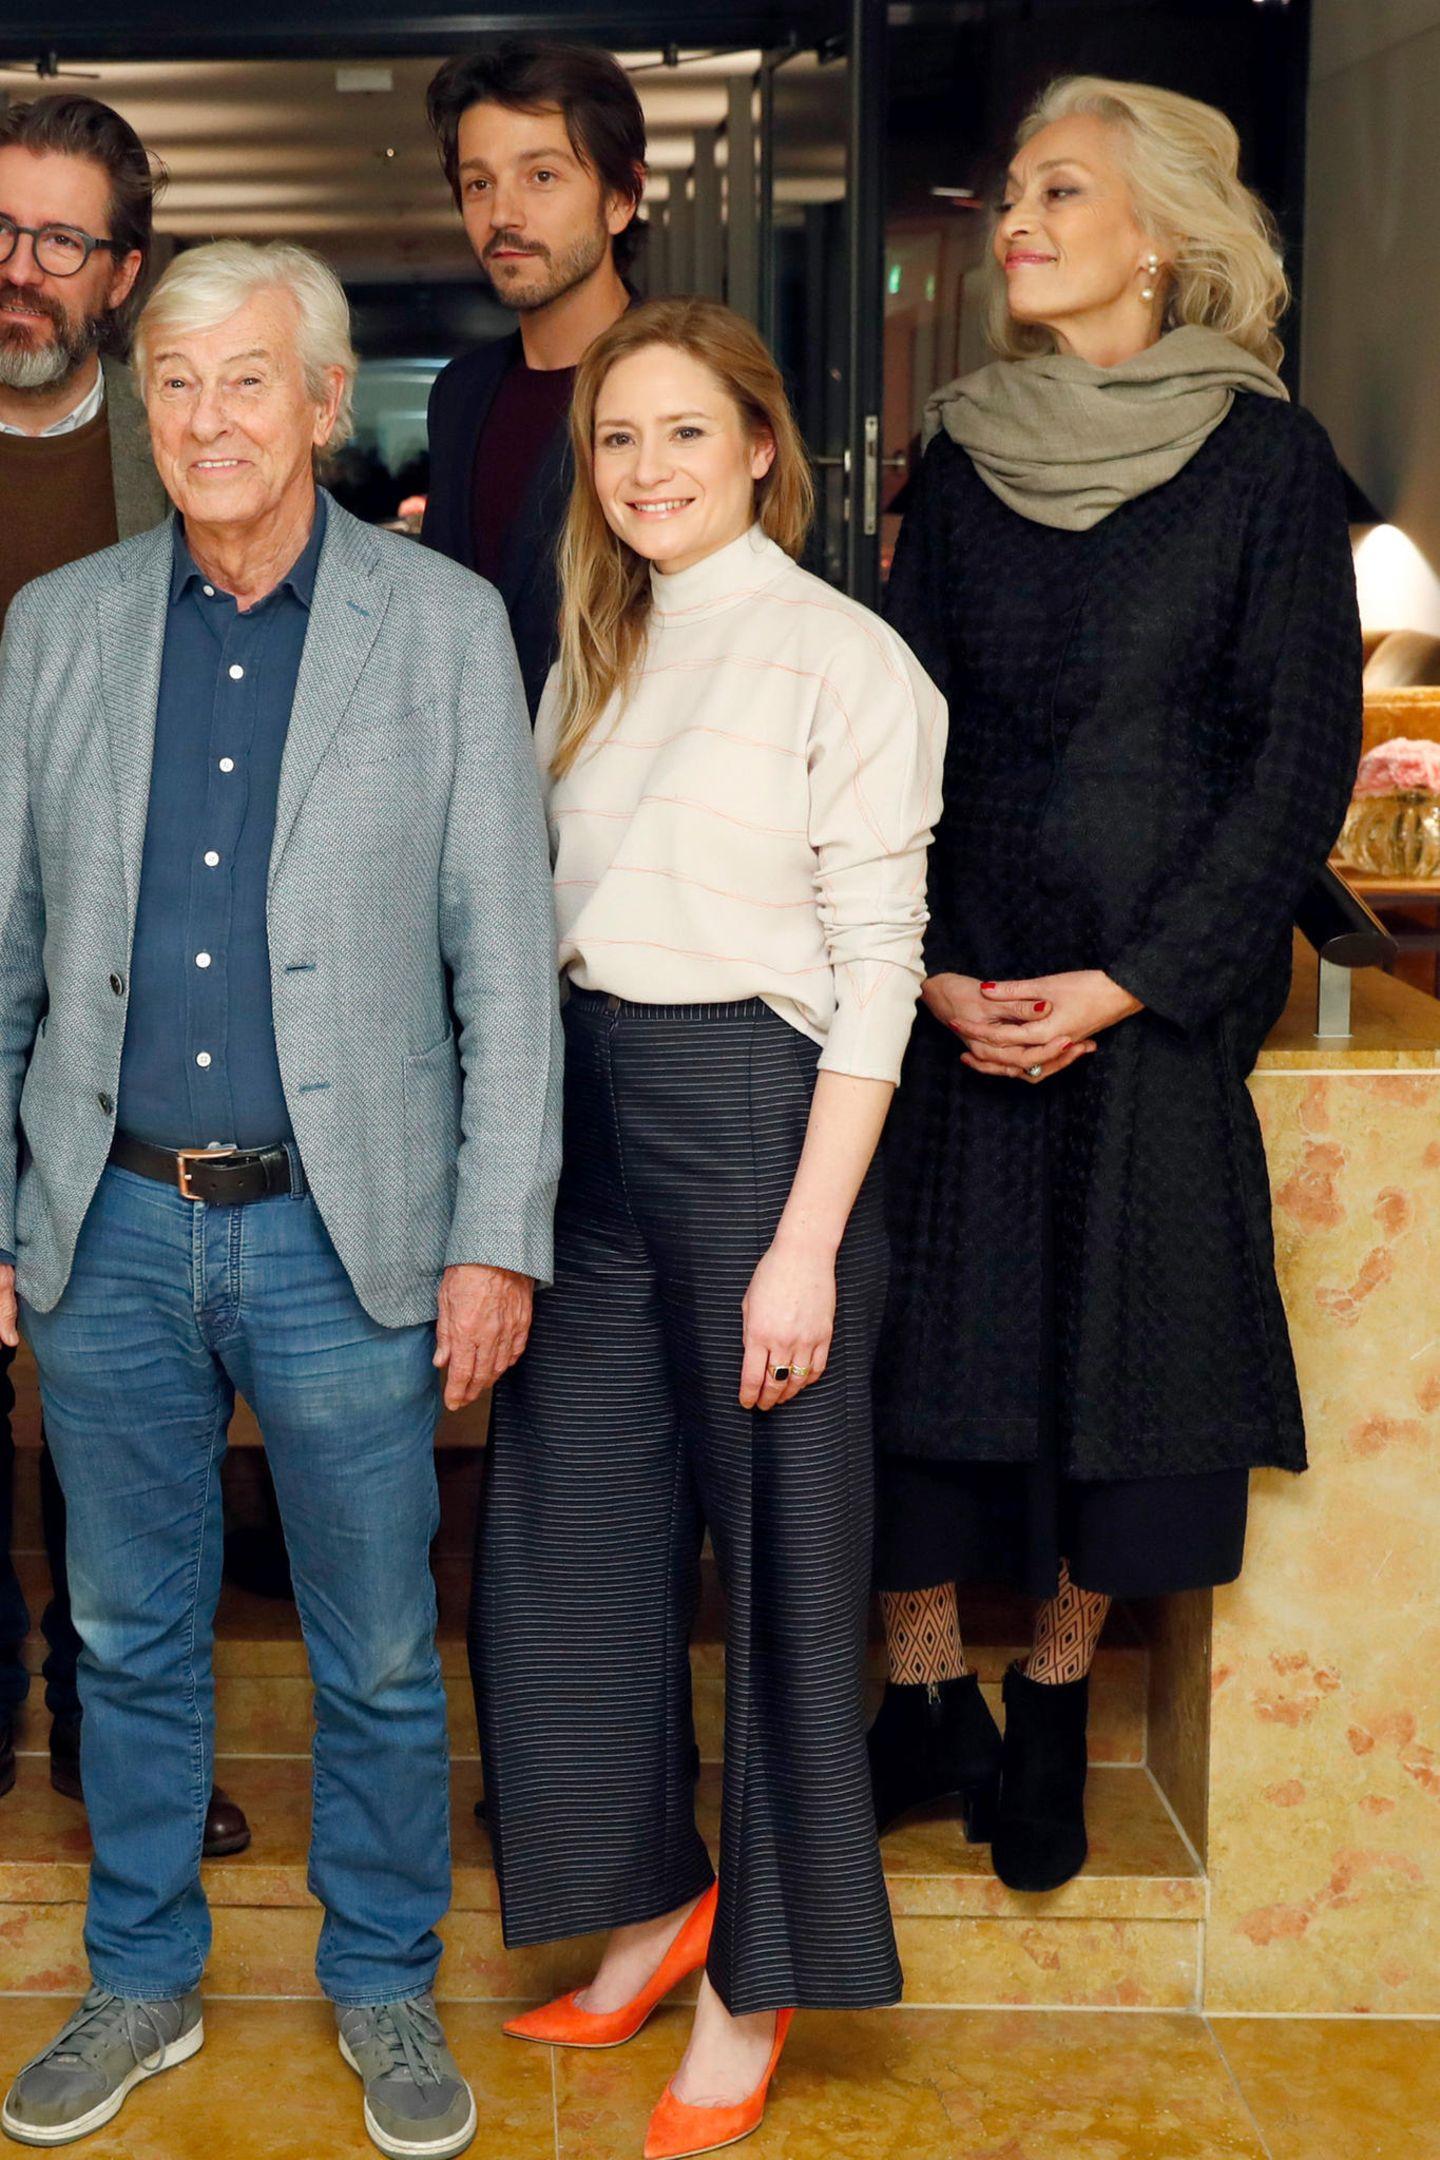 Elegant-maritim zeigt sich Jury-Mitglied Julia Jentsch bei einem ersten Fototermin zu Beginn der Berlinale 2016. Jury-KolleginDora Bouchoucha Fourati zeigt sich hingegen mit Wollkleid und warmem Schal eher verschlossen.